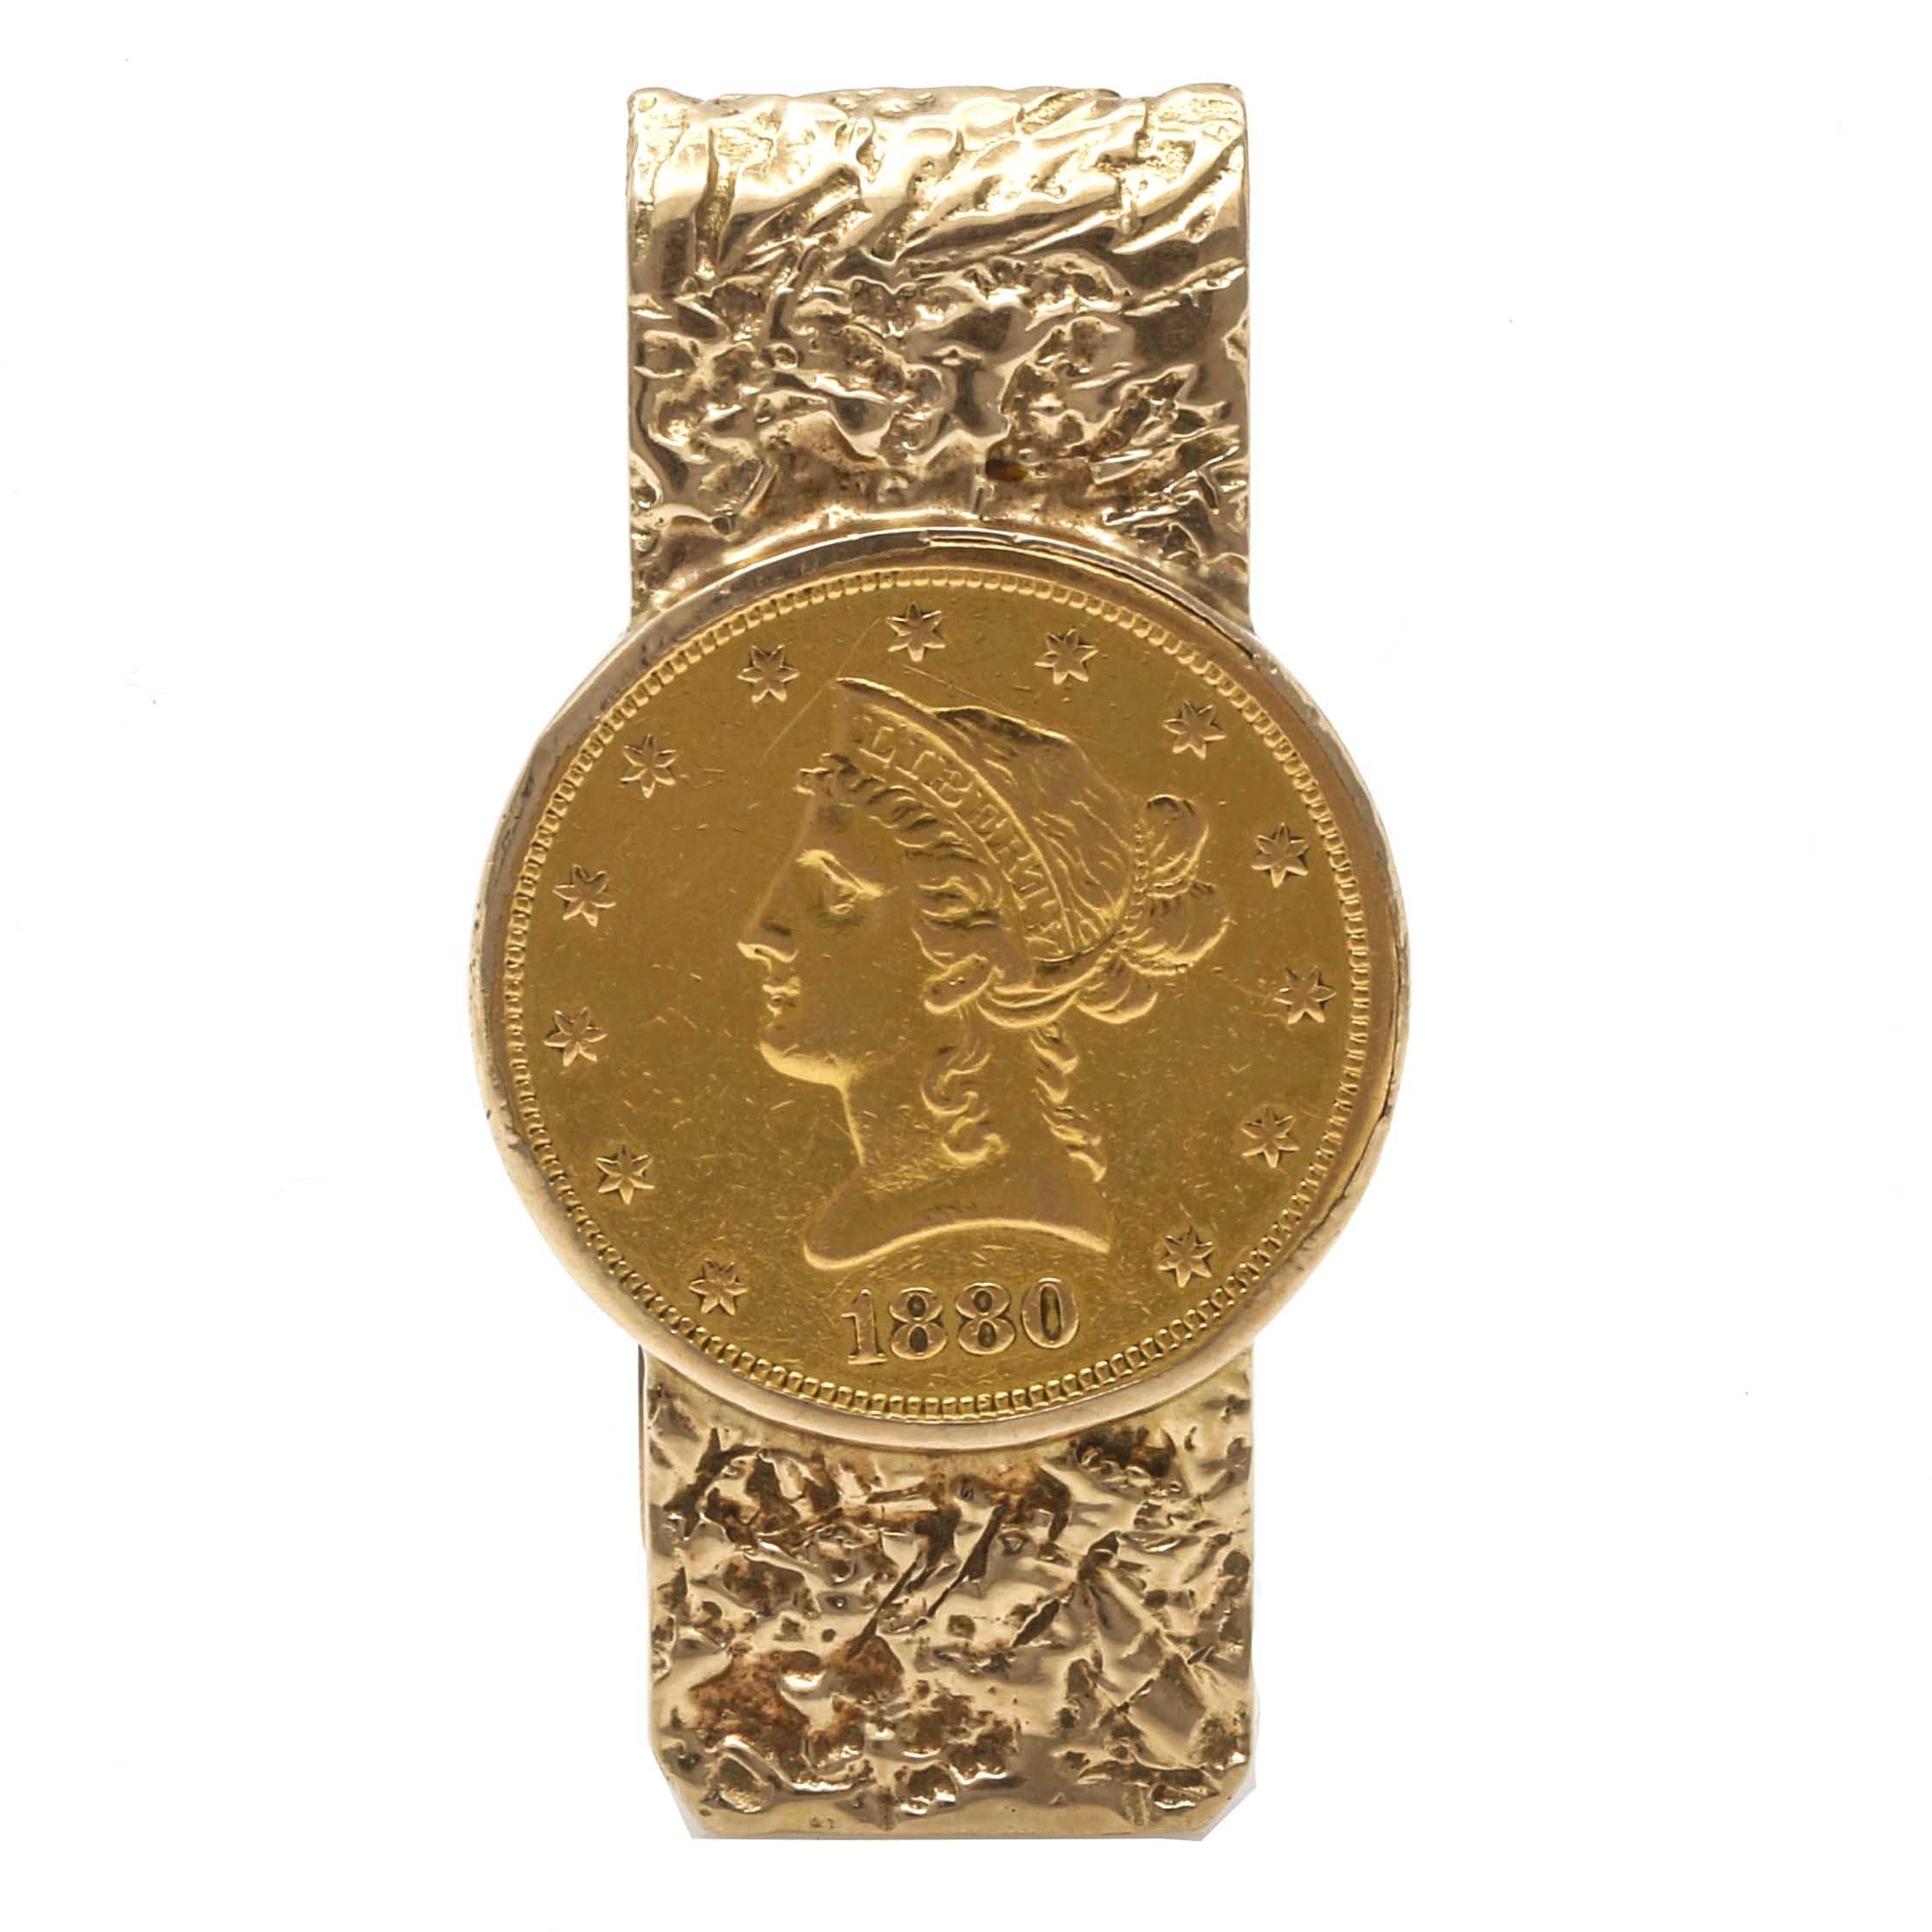 22K Yellow Gold 1880 Liberty Head Half Eagle Coin Money Clip